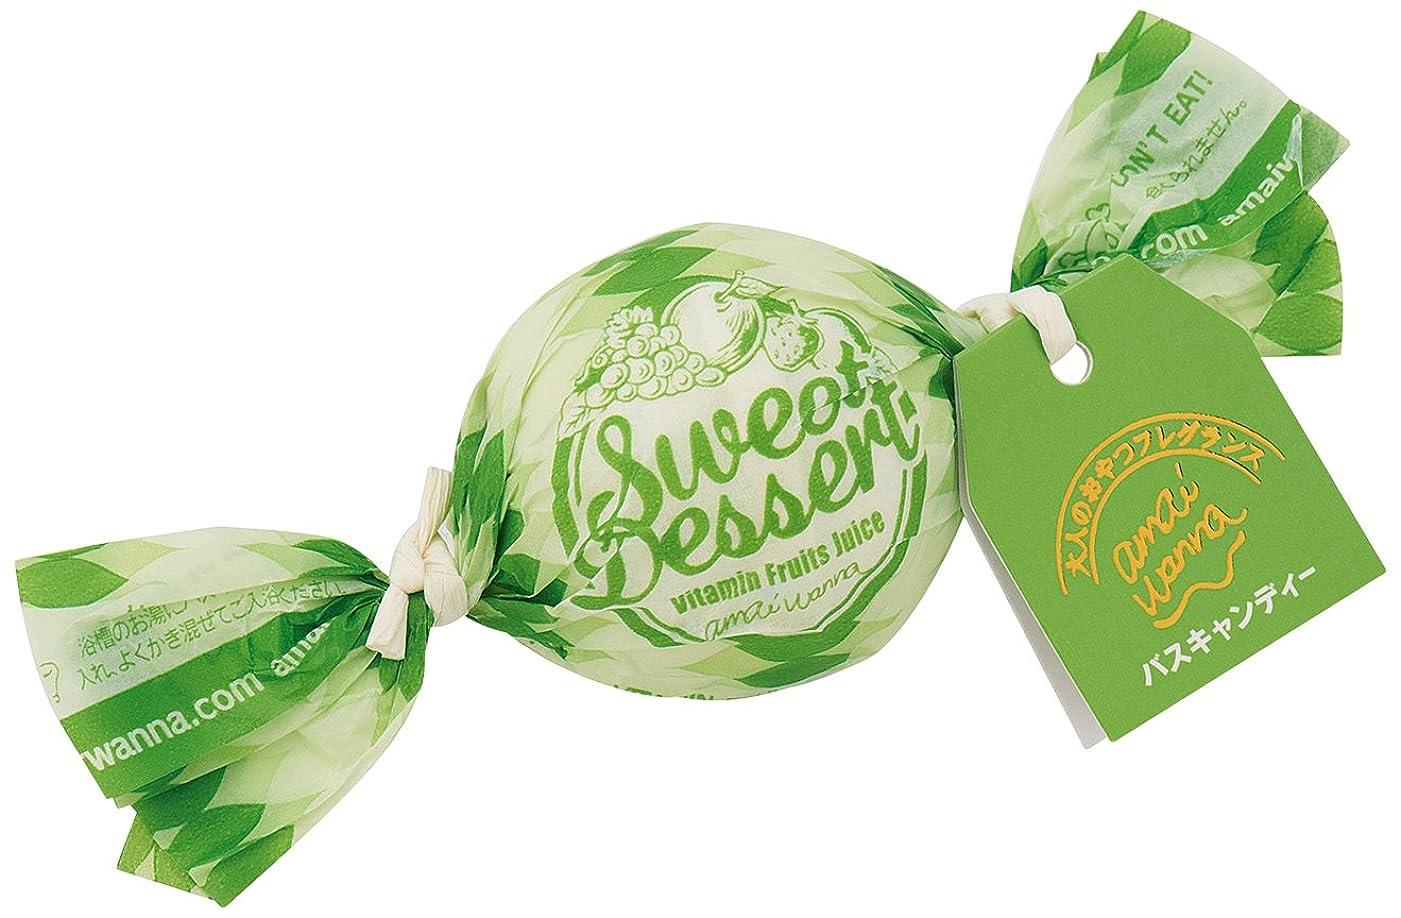 キャッシュに変わるメタンアマイワナ バスキャンディー35g×12粒 ビタミンフルーツジュース(発泡タイプ入浴料 心はずむ元気なビタミンフルーツの香り)